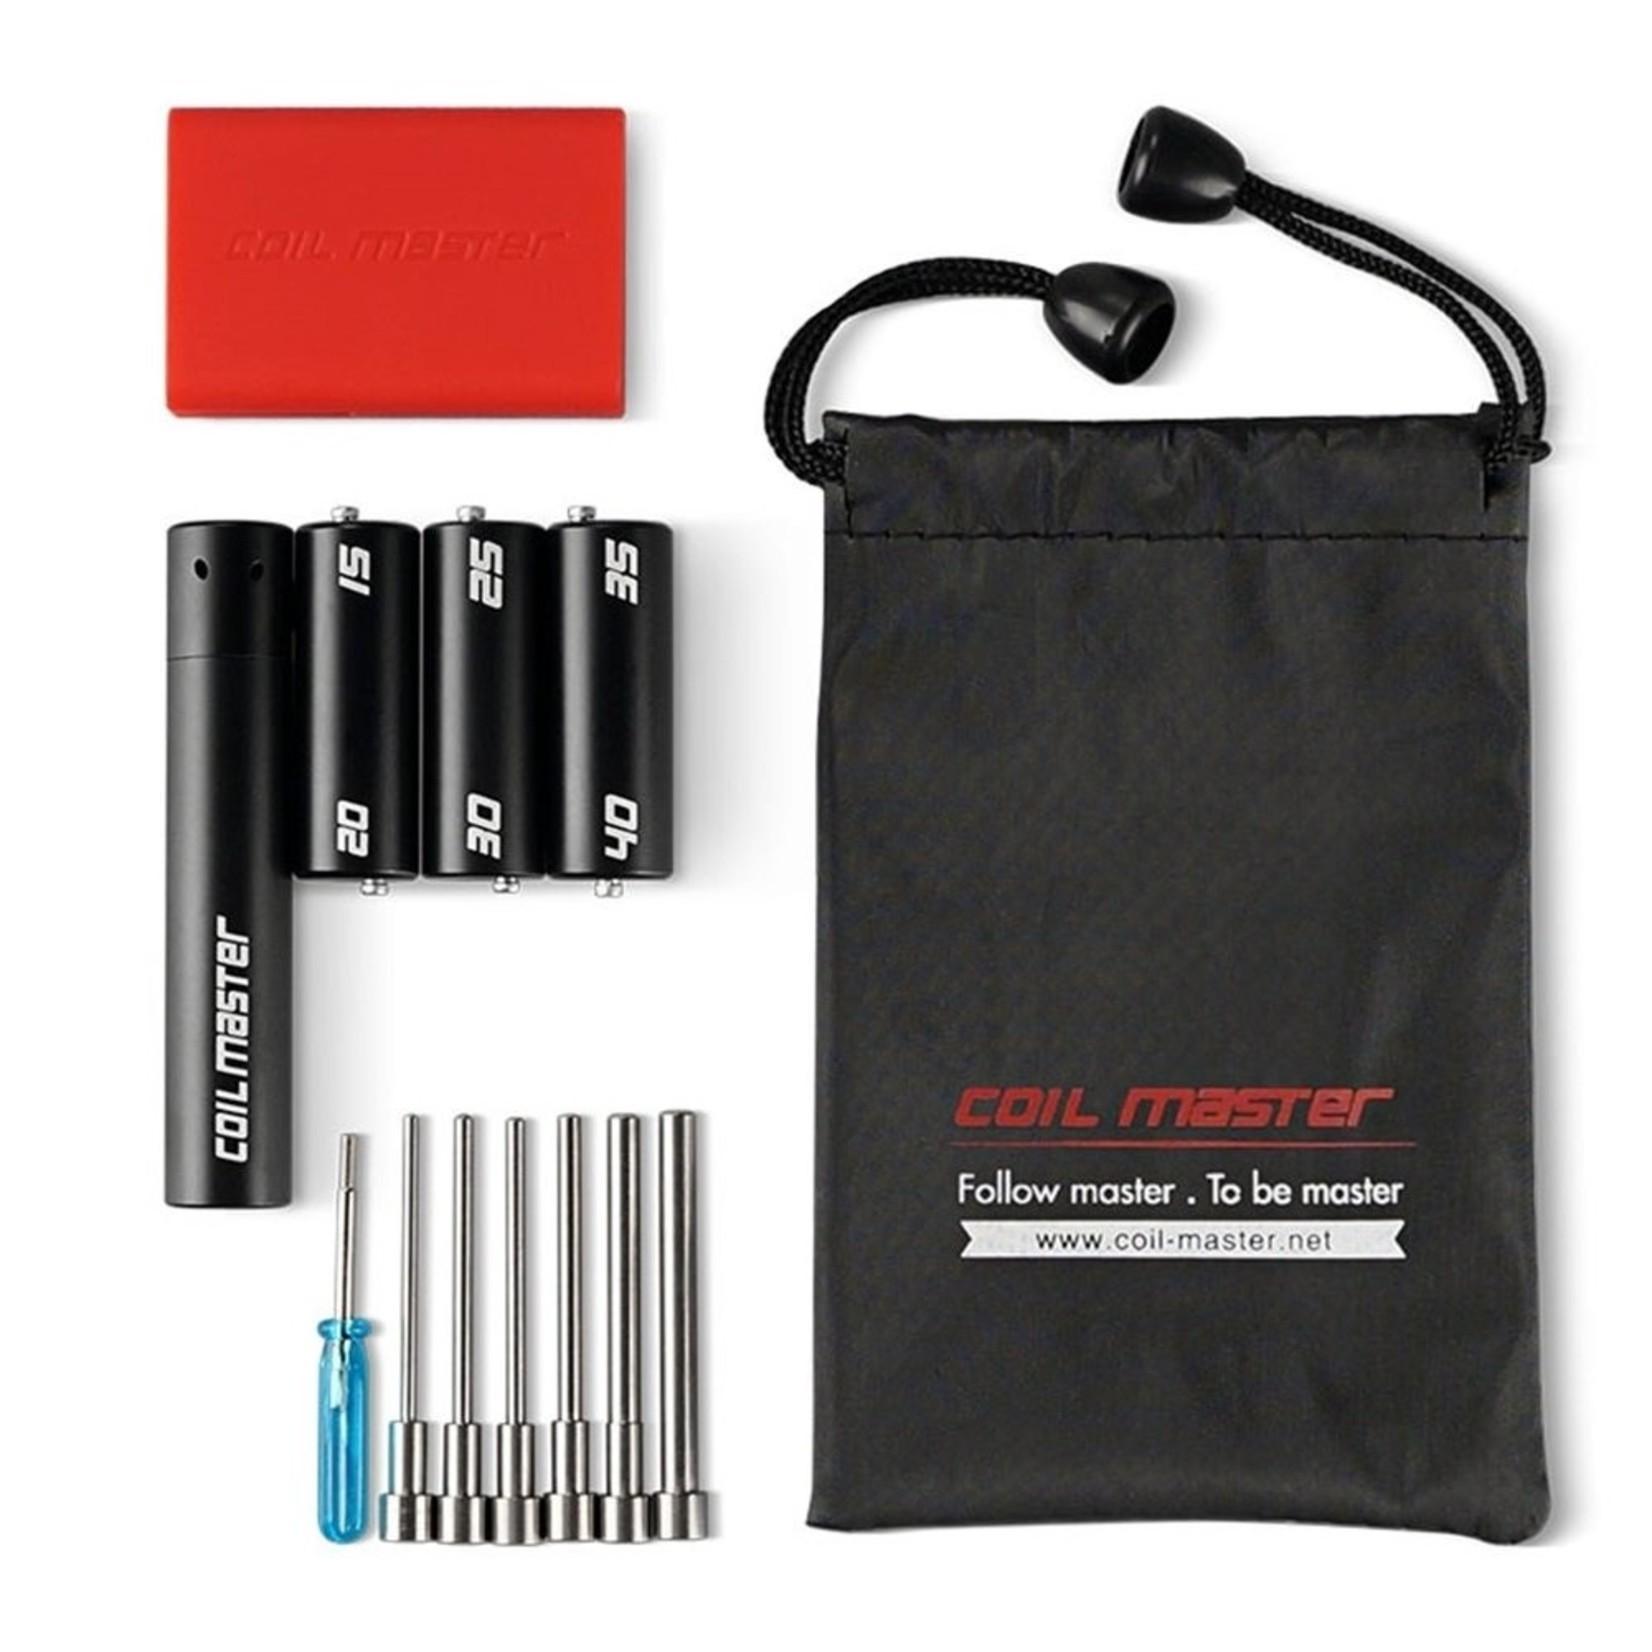 Coil Master Coil Master V4 Coiling Kit